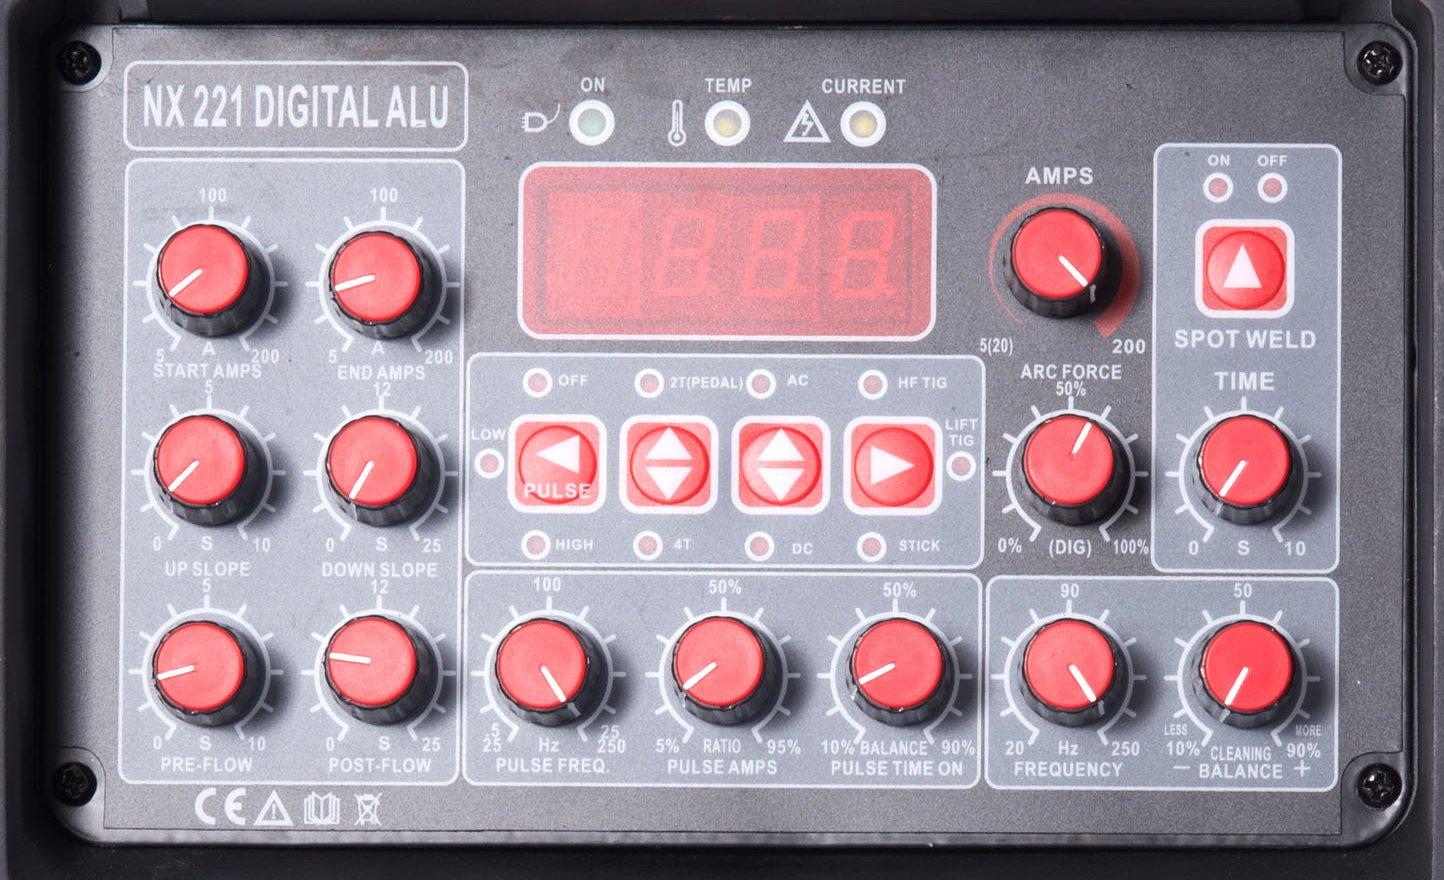 Equipo Inverter para soldadura TIG ACDC 200 A Modo de pulsación digital NX 221 Digital Alu 10 Prog.: Amazon.es: Hogar